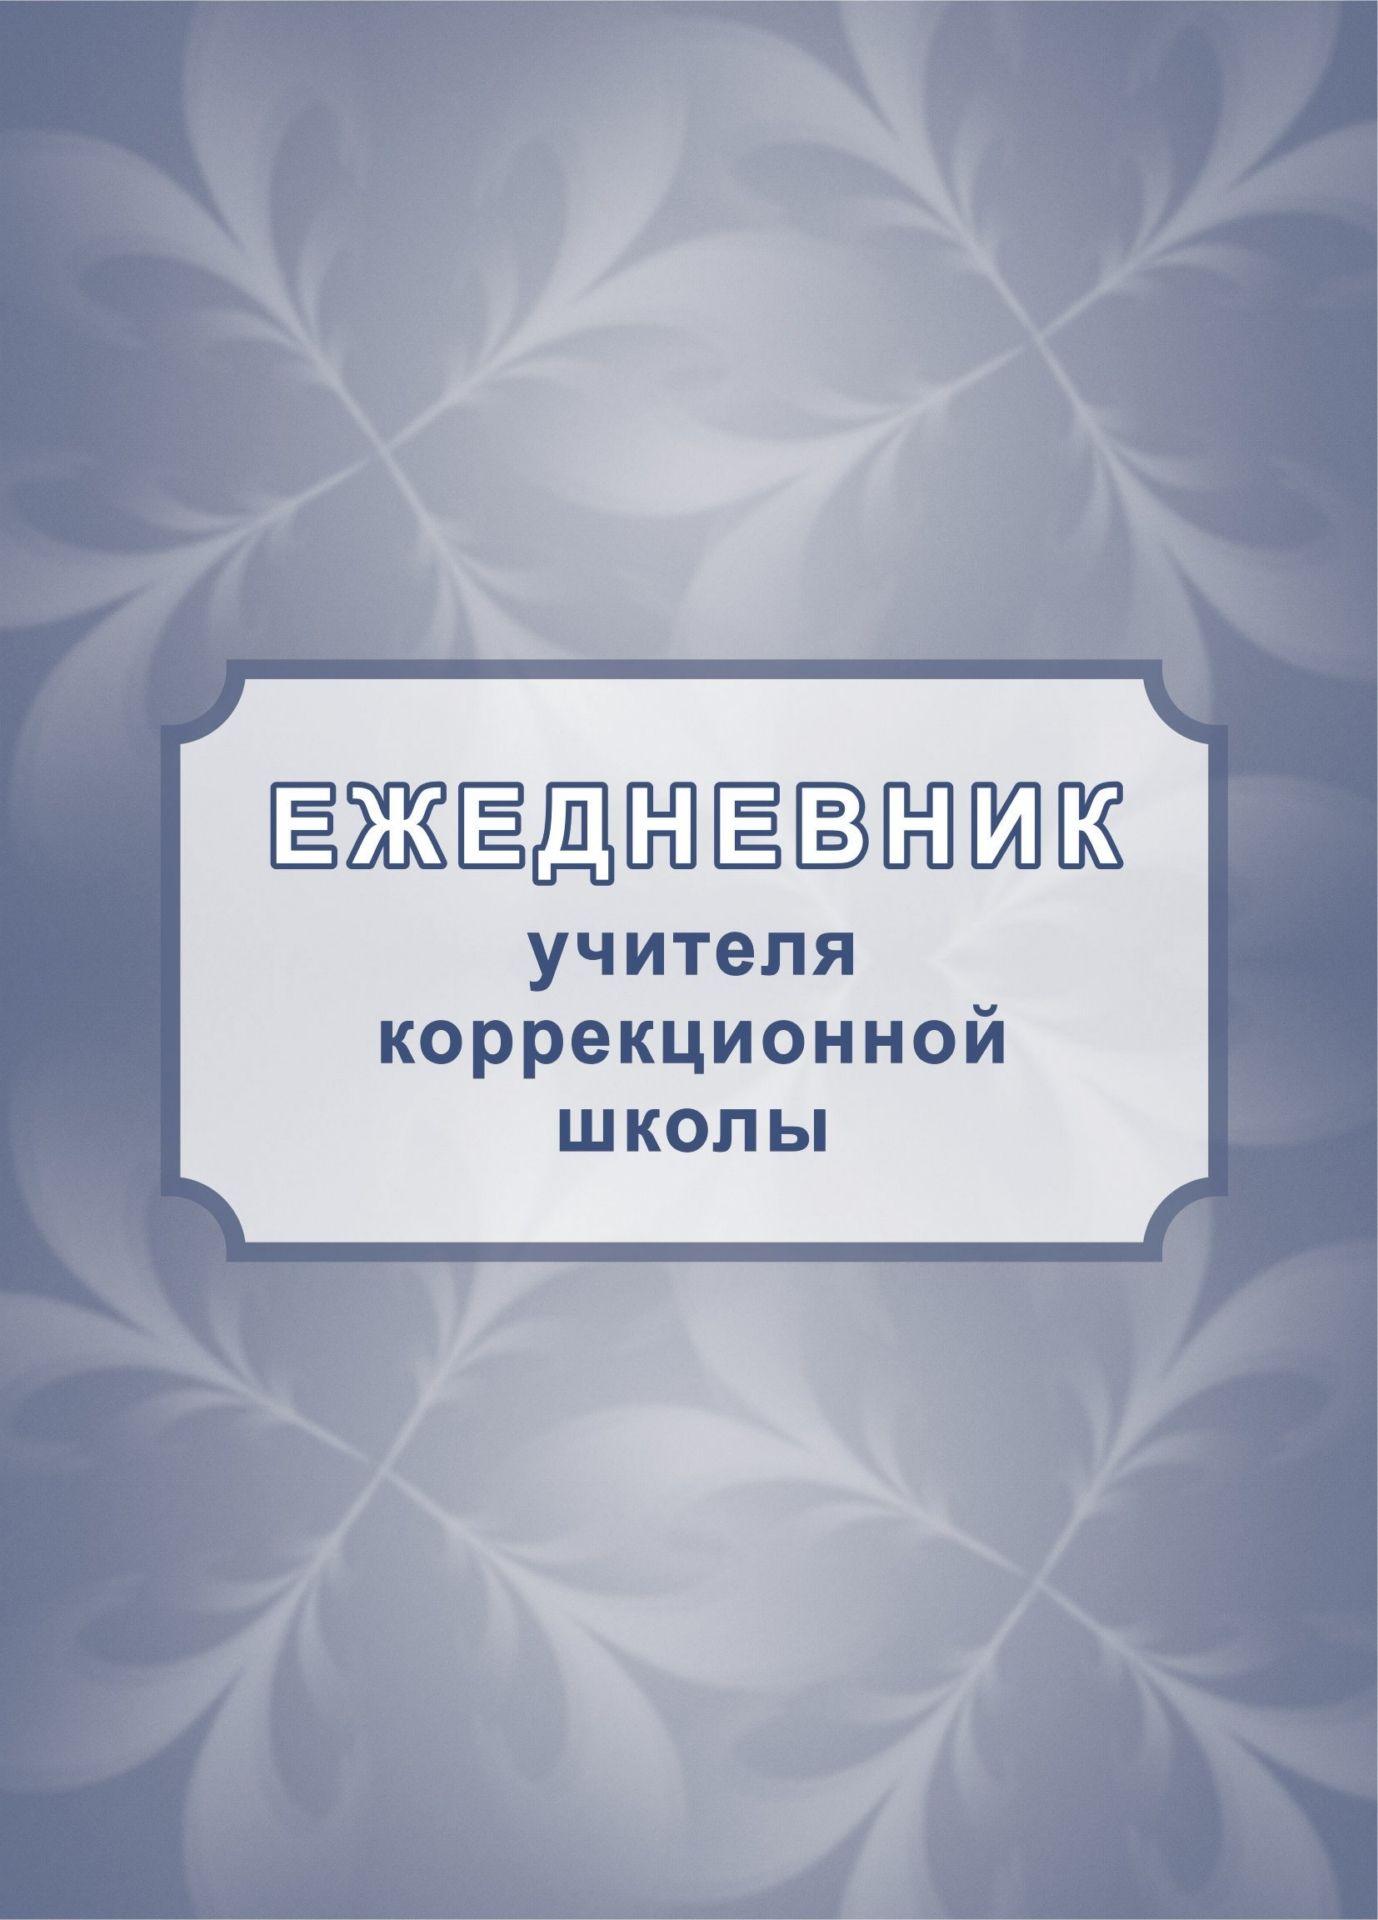 Ежедневник учителя коррекционной школы